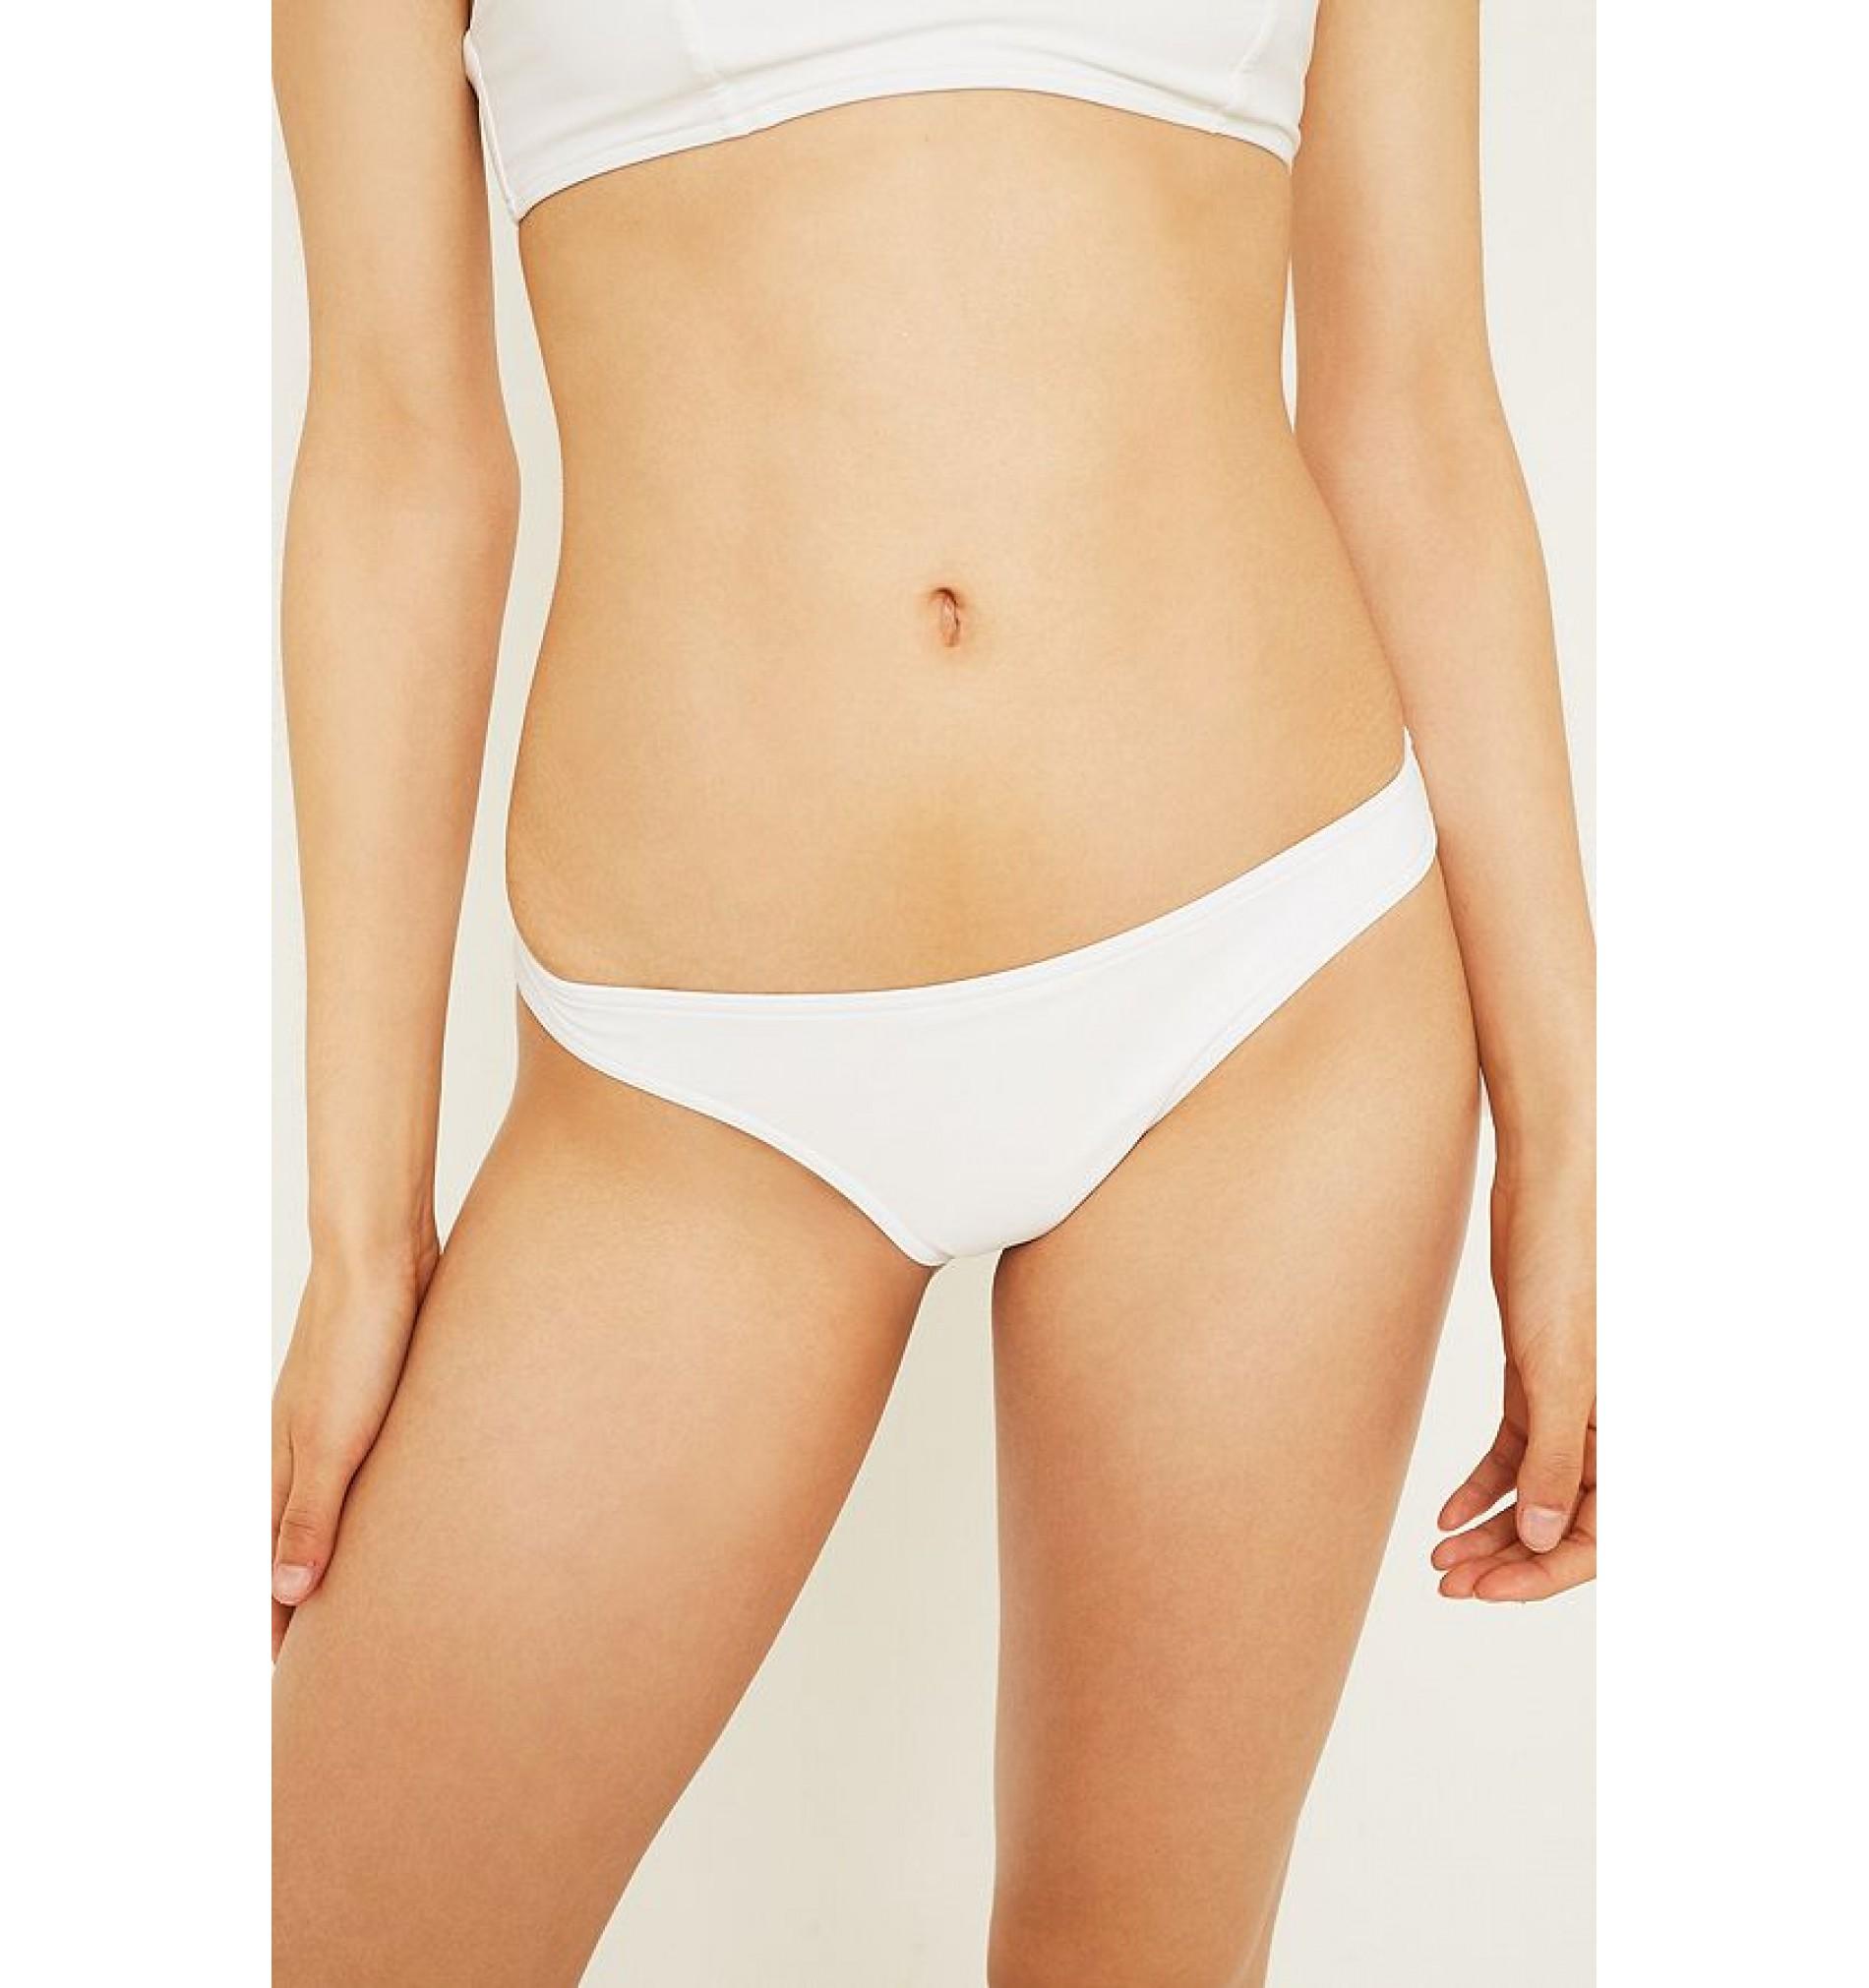 dámske plavky - BRAZILKY 'CORE SOLID' biele  100